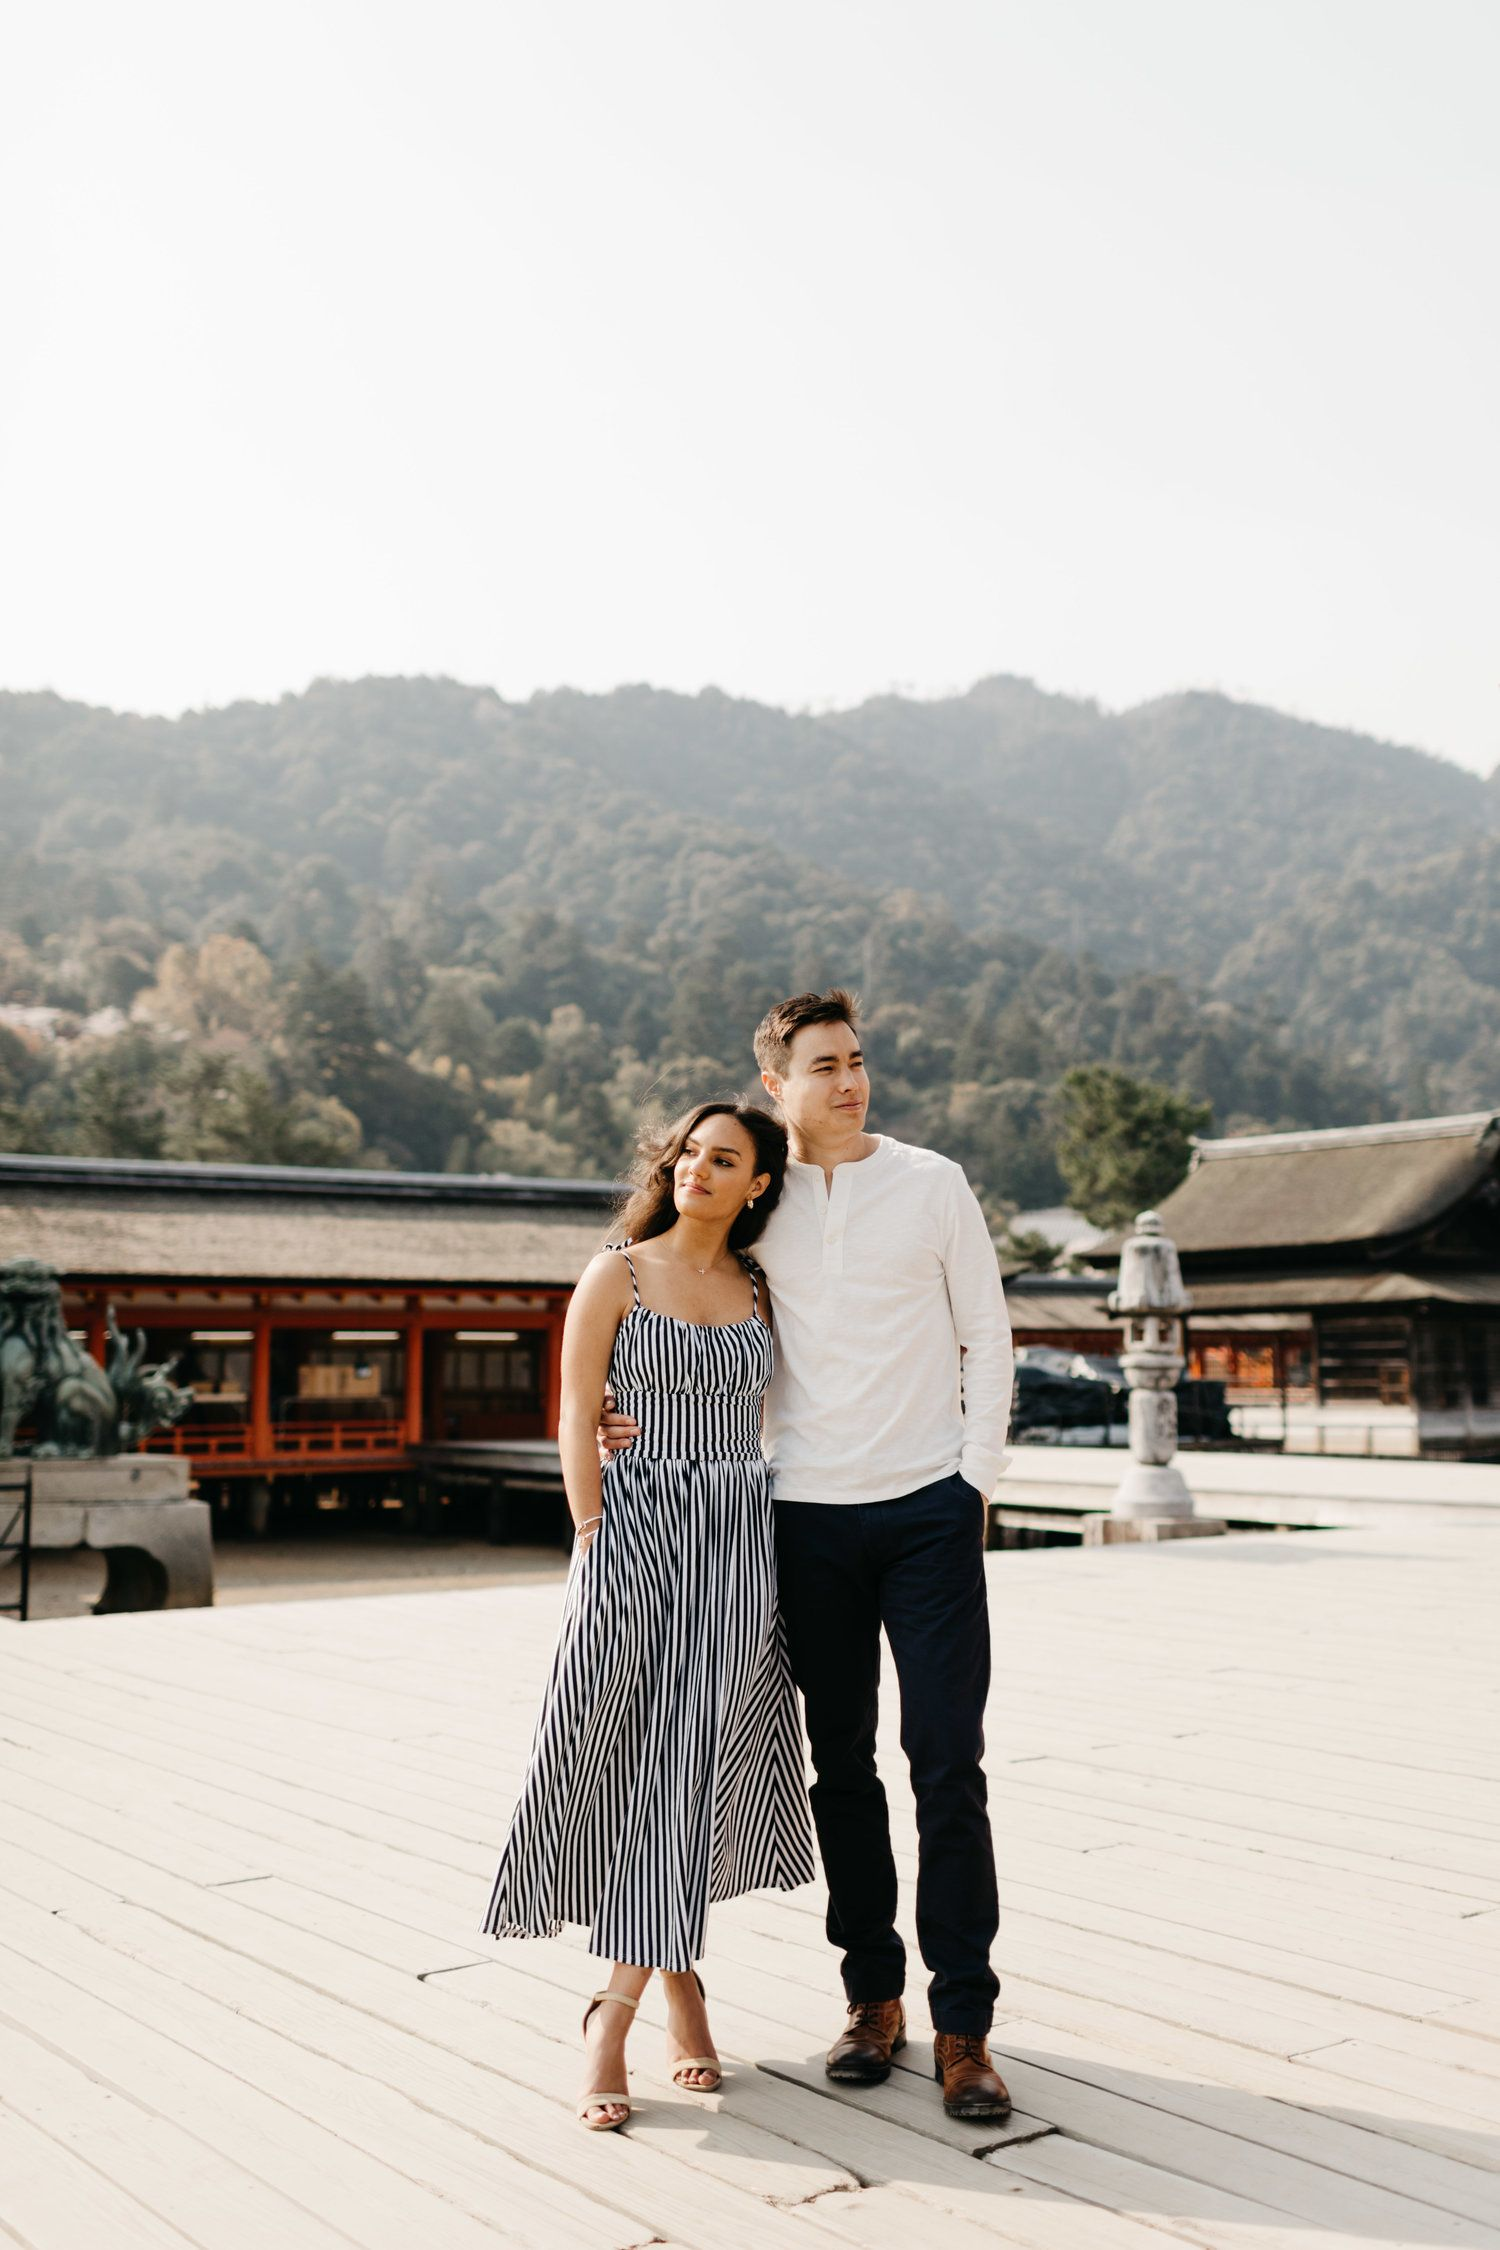 Miyajima Engagement Shoot | Couples Poses | Engagement shoots, Elope